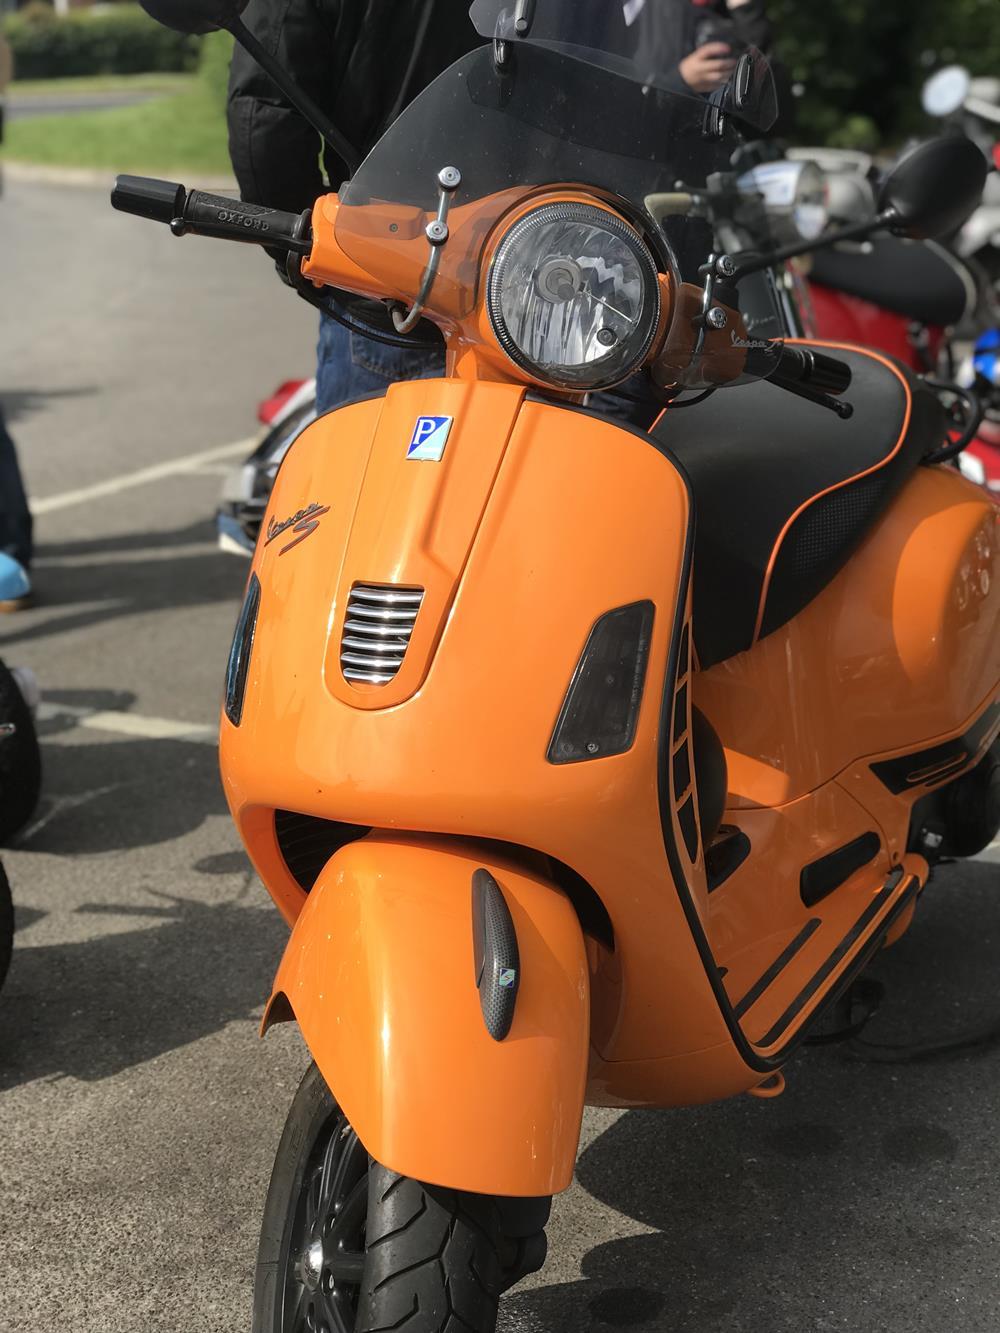 Orange Vespa GTS scooter